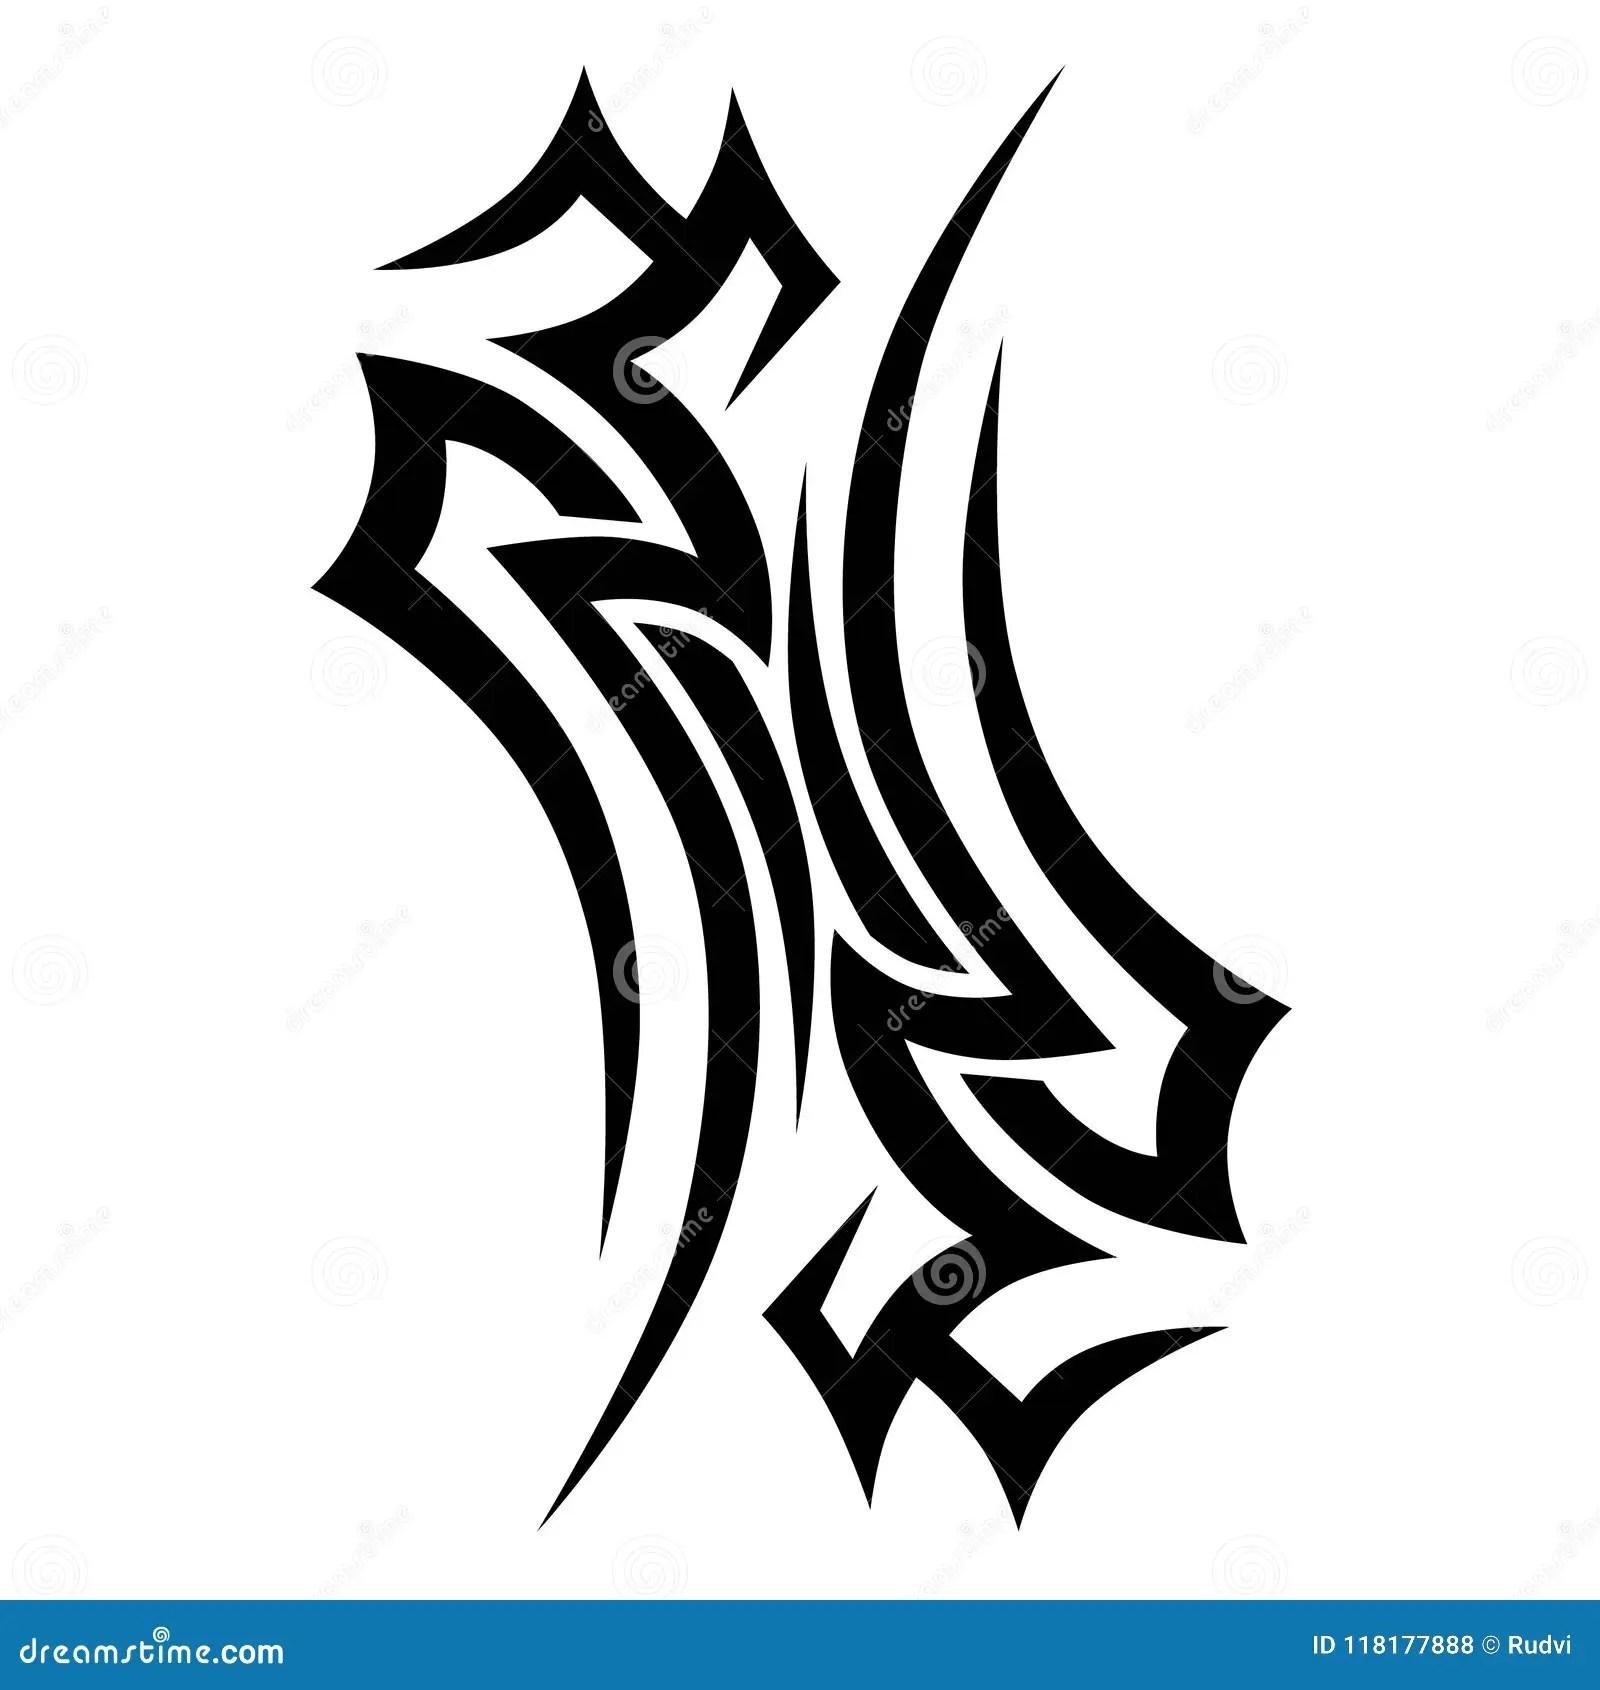 Tribal Chest Tattoo Stencil